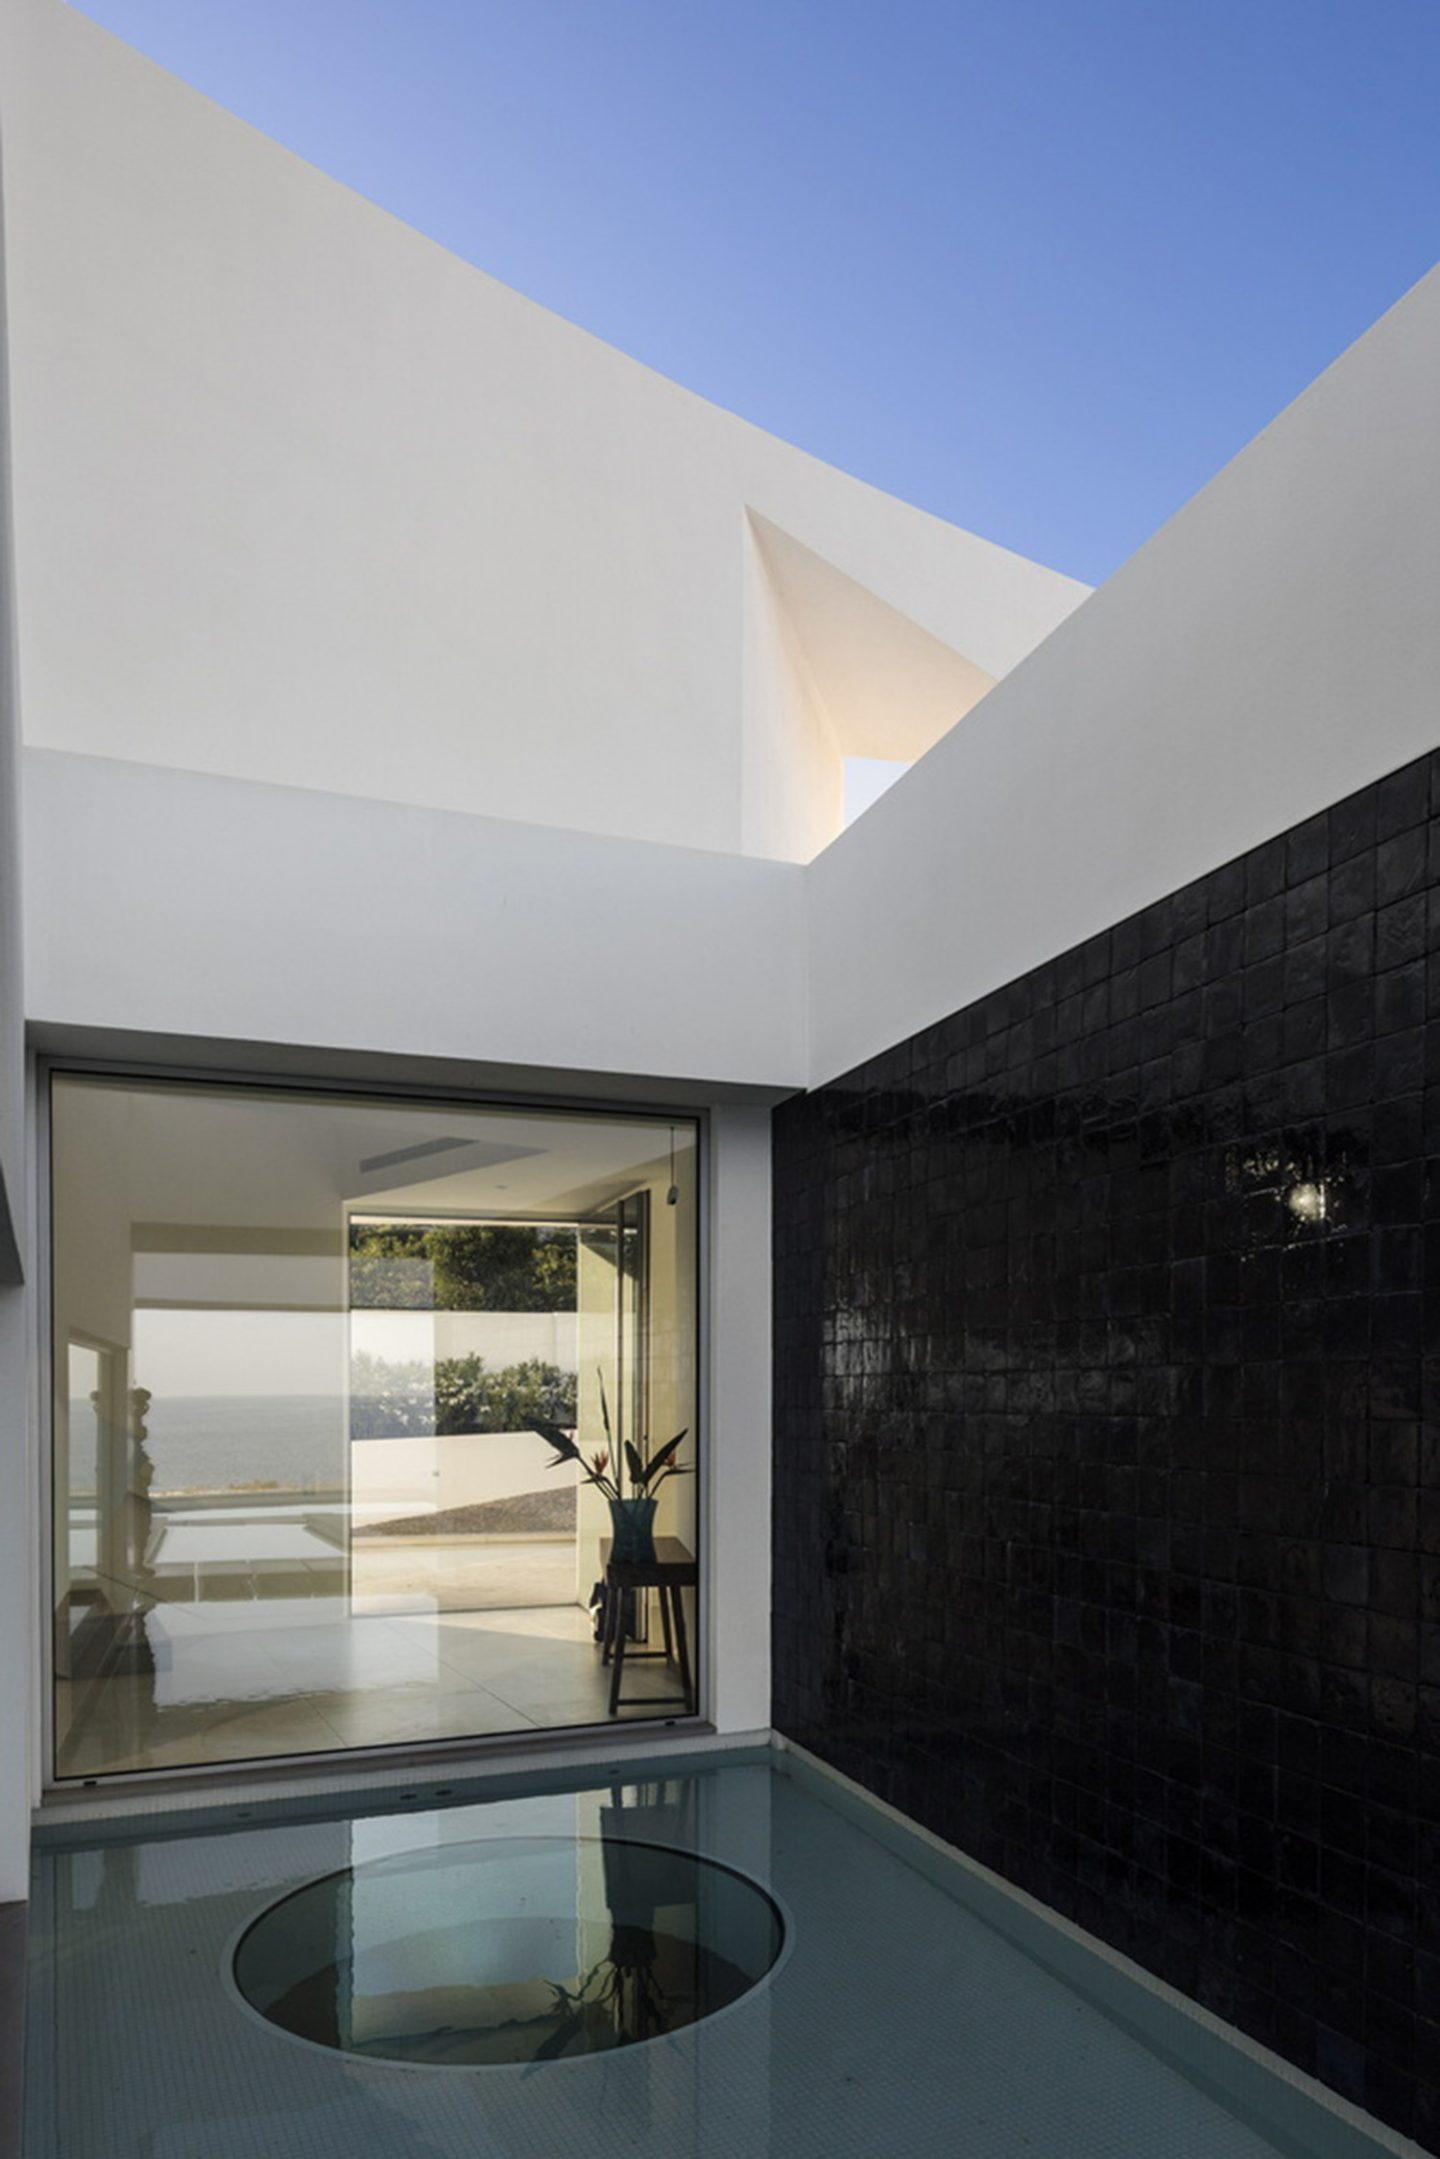 Architecture_CasaEliptica_MarioMartinsAtelier16